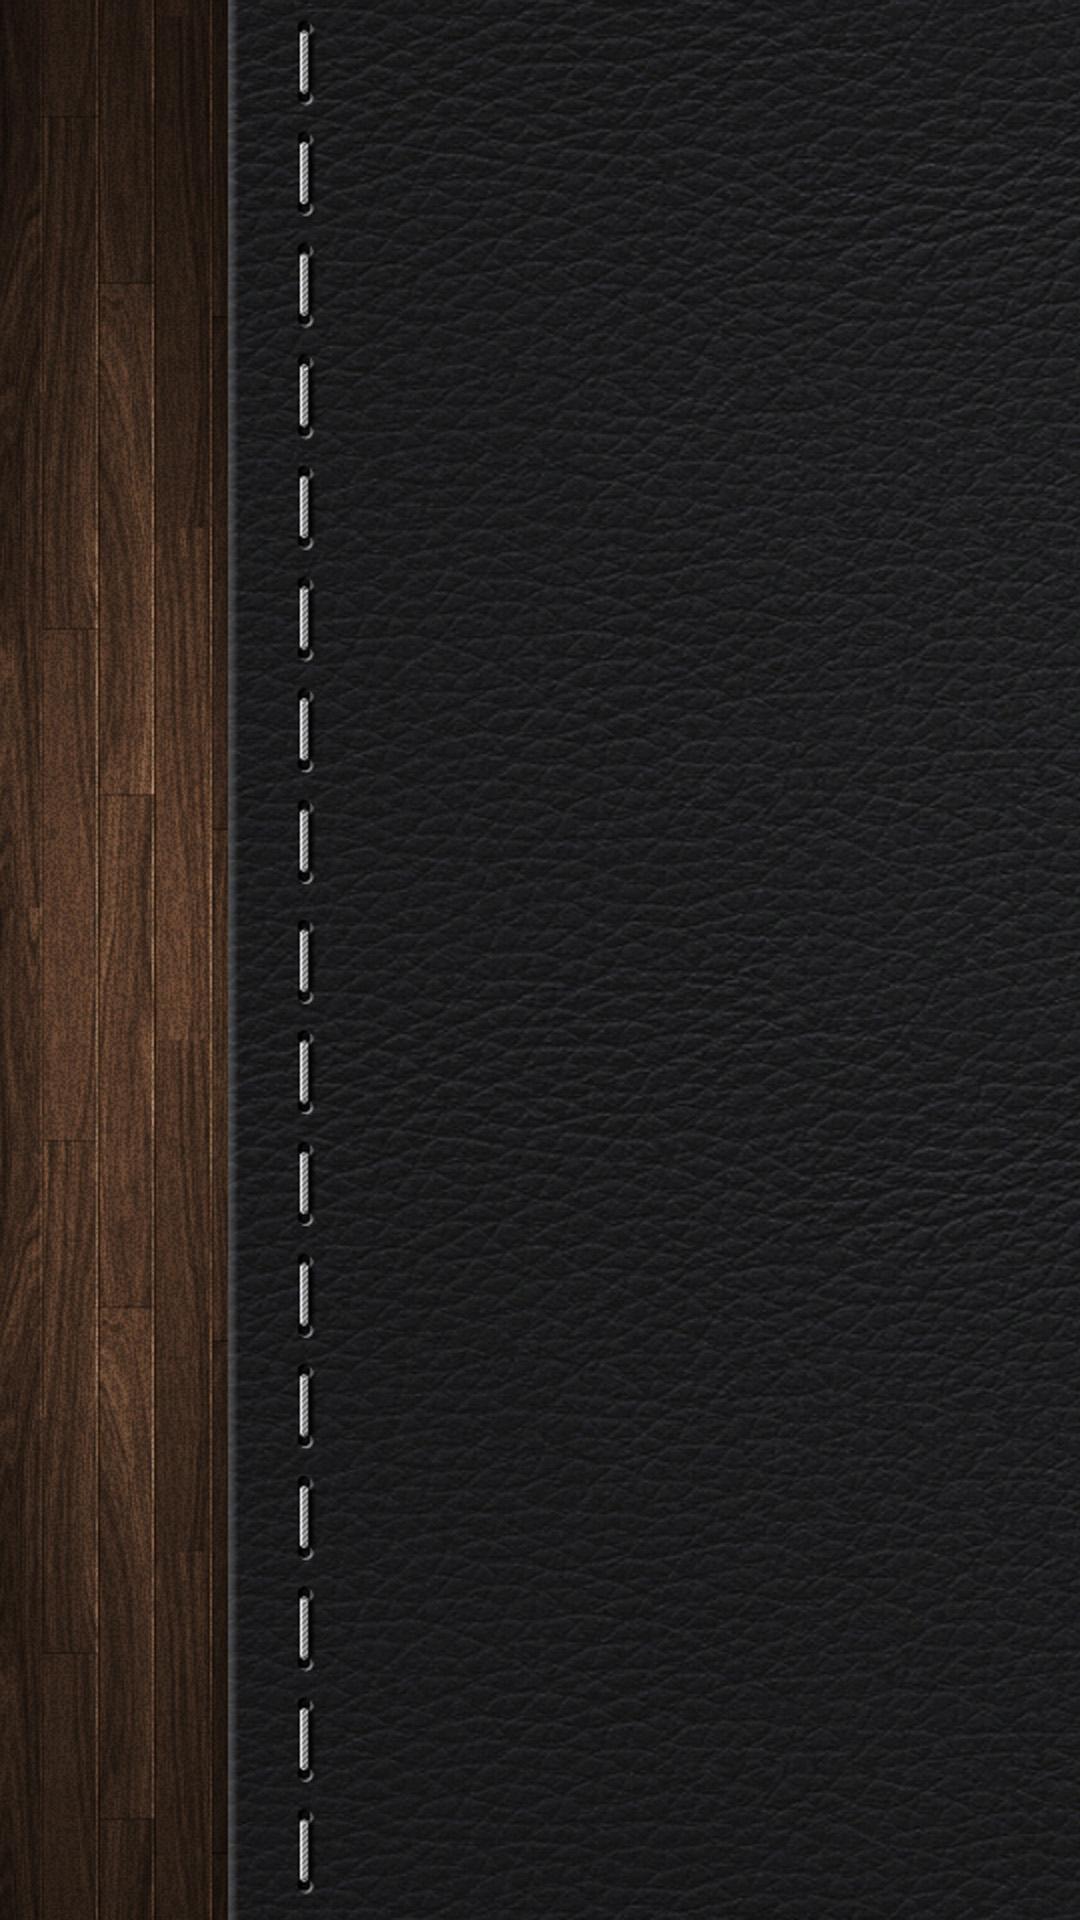 Animated Wallpaper for iPhone 6 WallpaperSafari